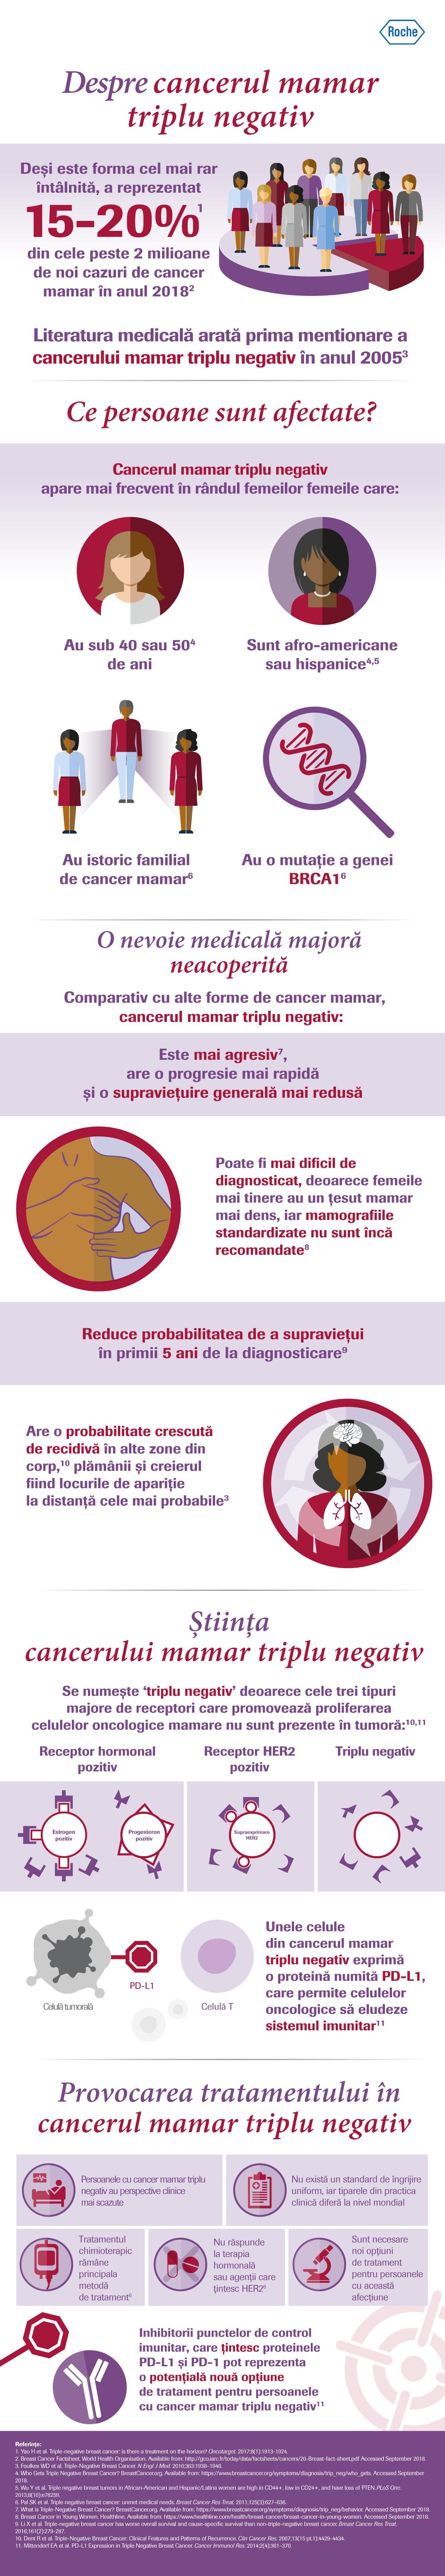 cancerul mamar triplu negativ)